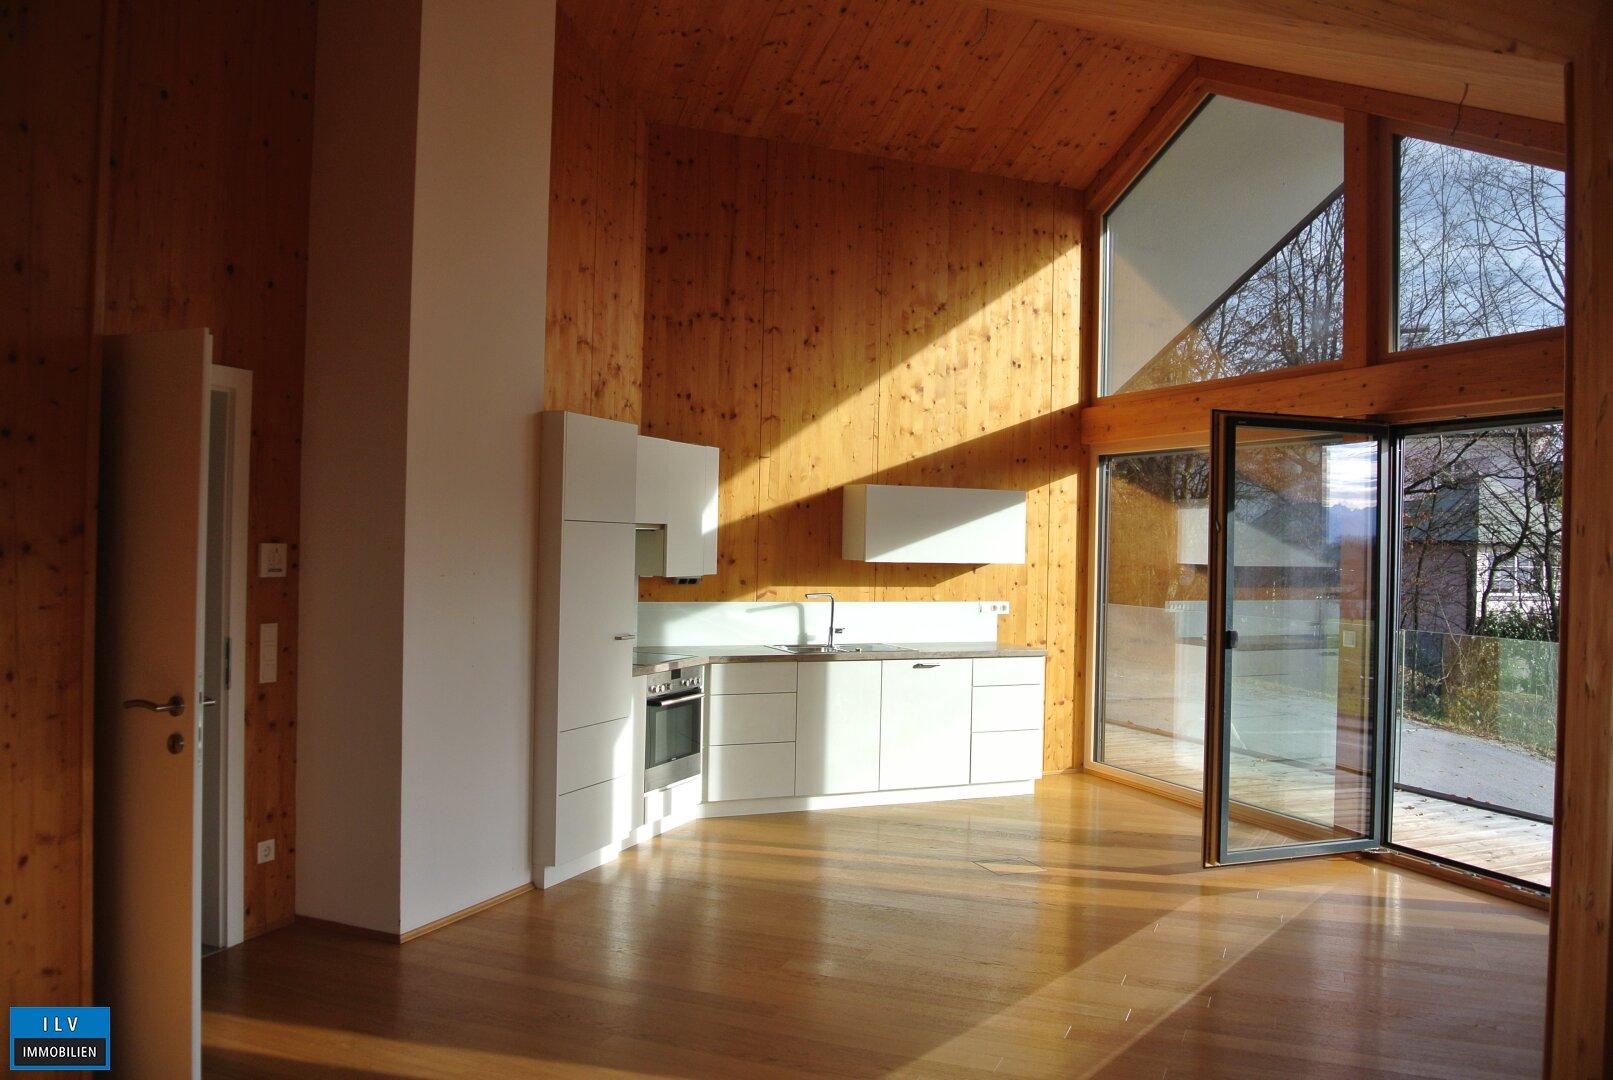 Blick Wohnzimmer und offene Küche